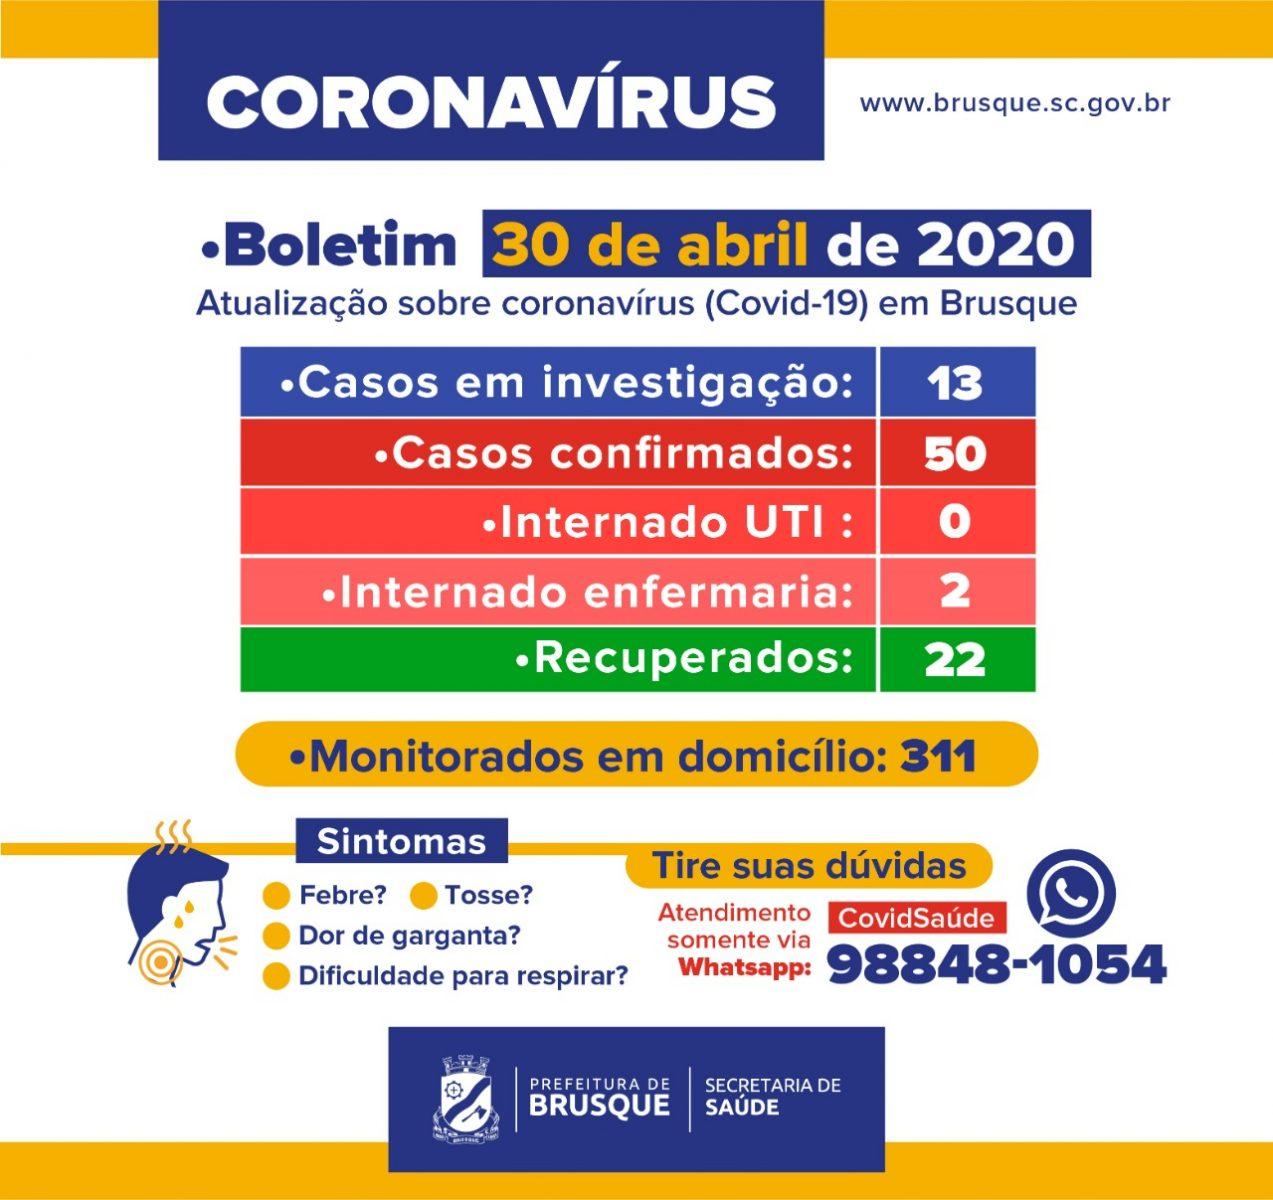 Sobe para 50 o número de pacientes com Covid-19 em Brusque